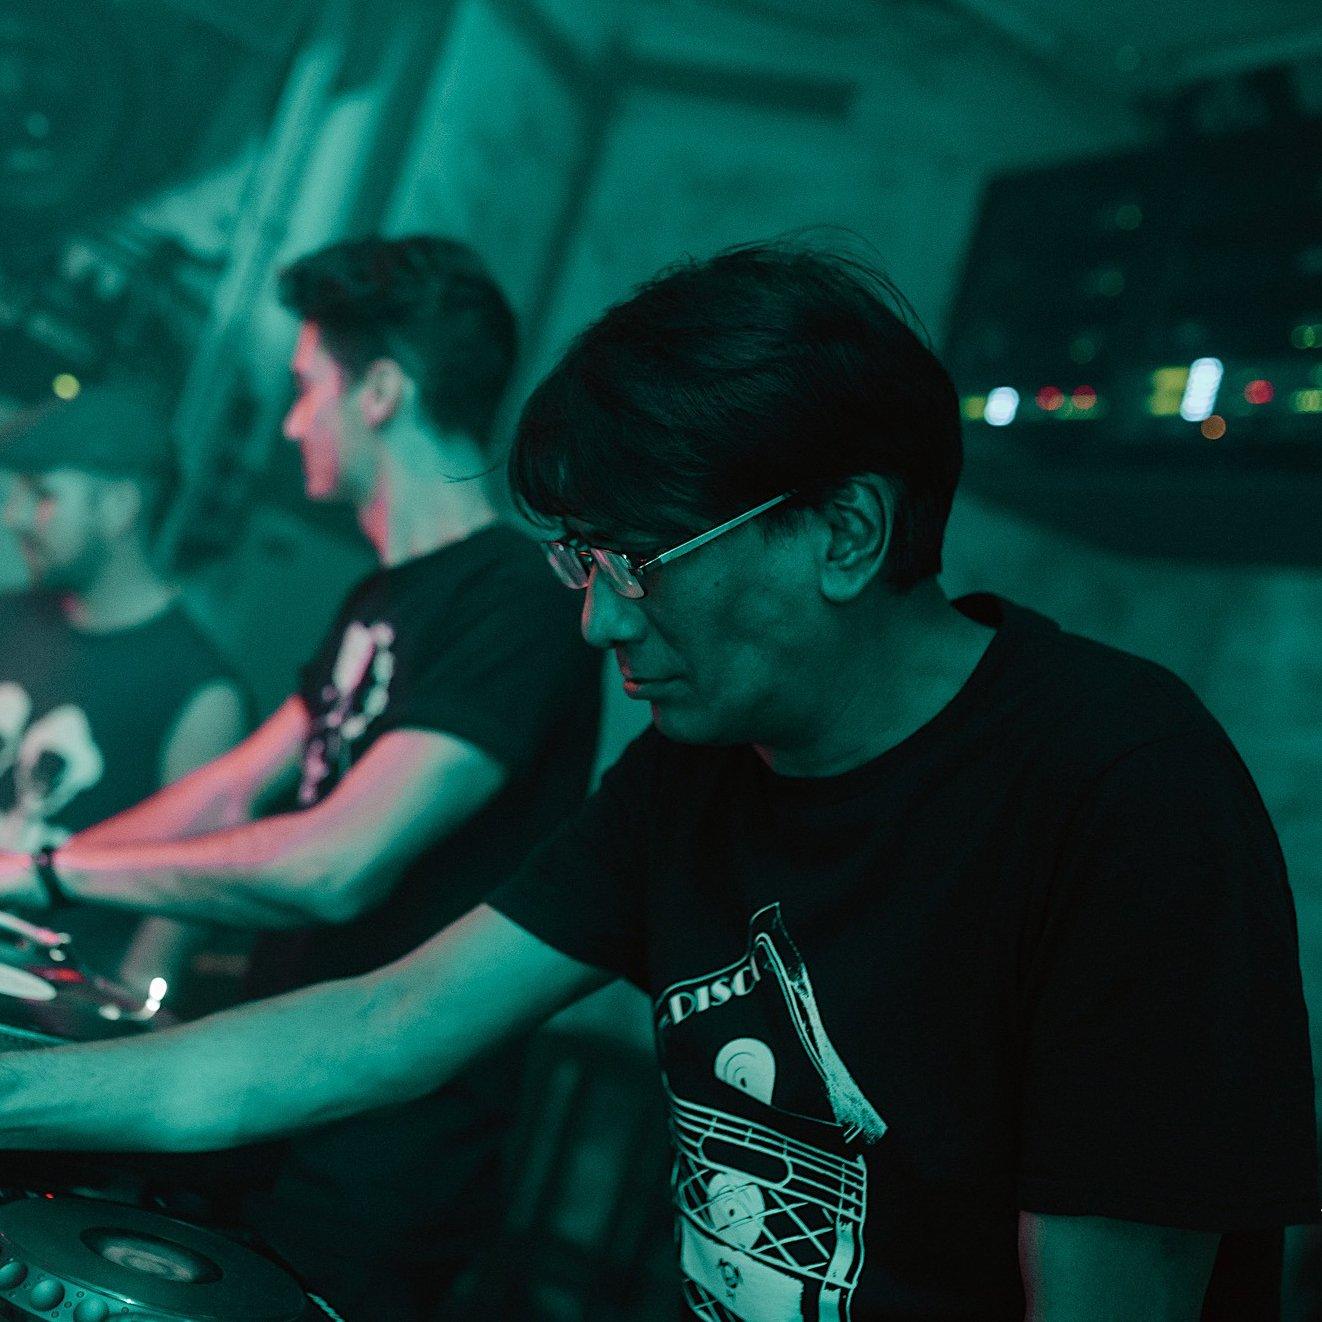 Brendon P at Kilo - Scientific Sound Asia